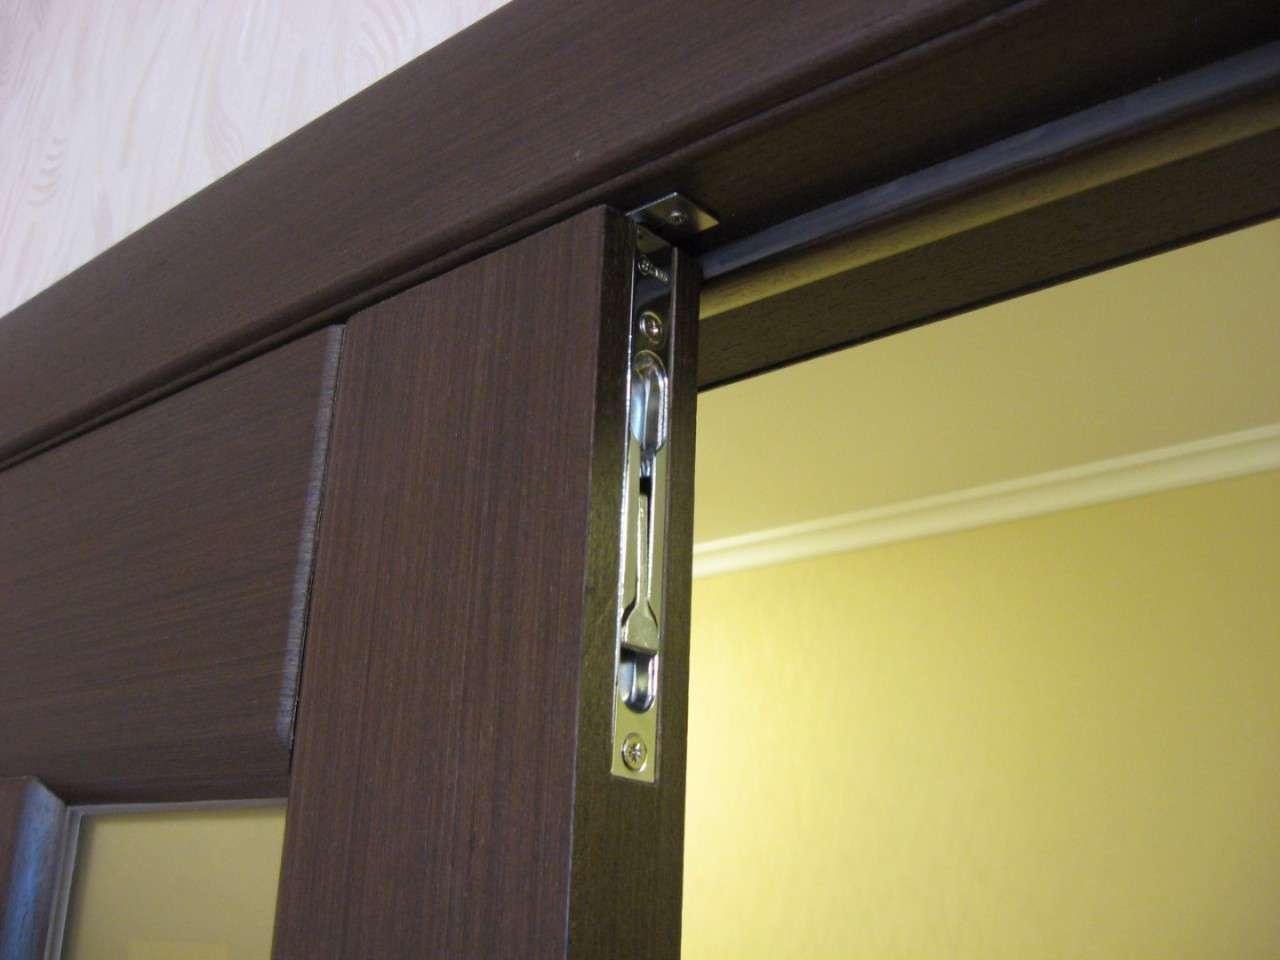 установка двойной металлической двери расценки на устоновку